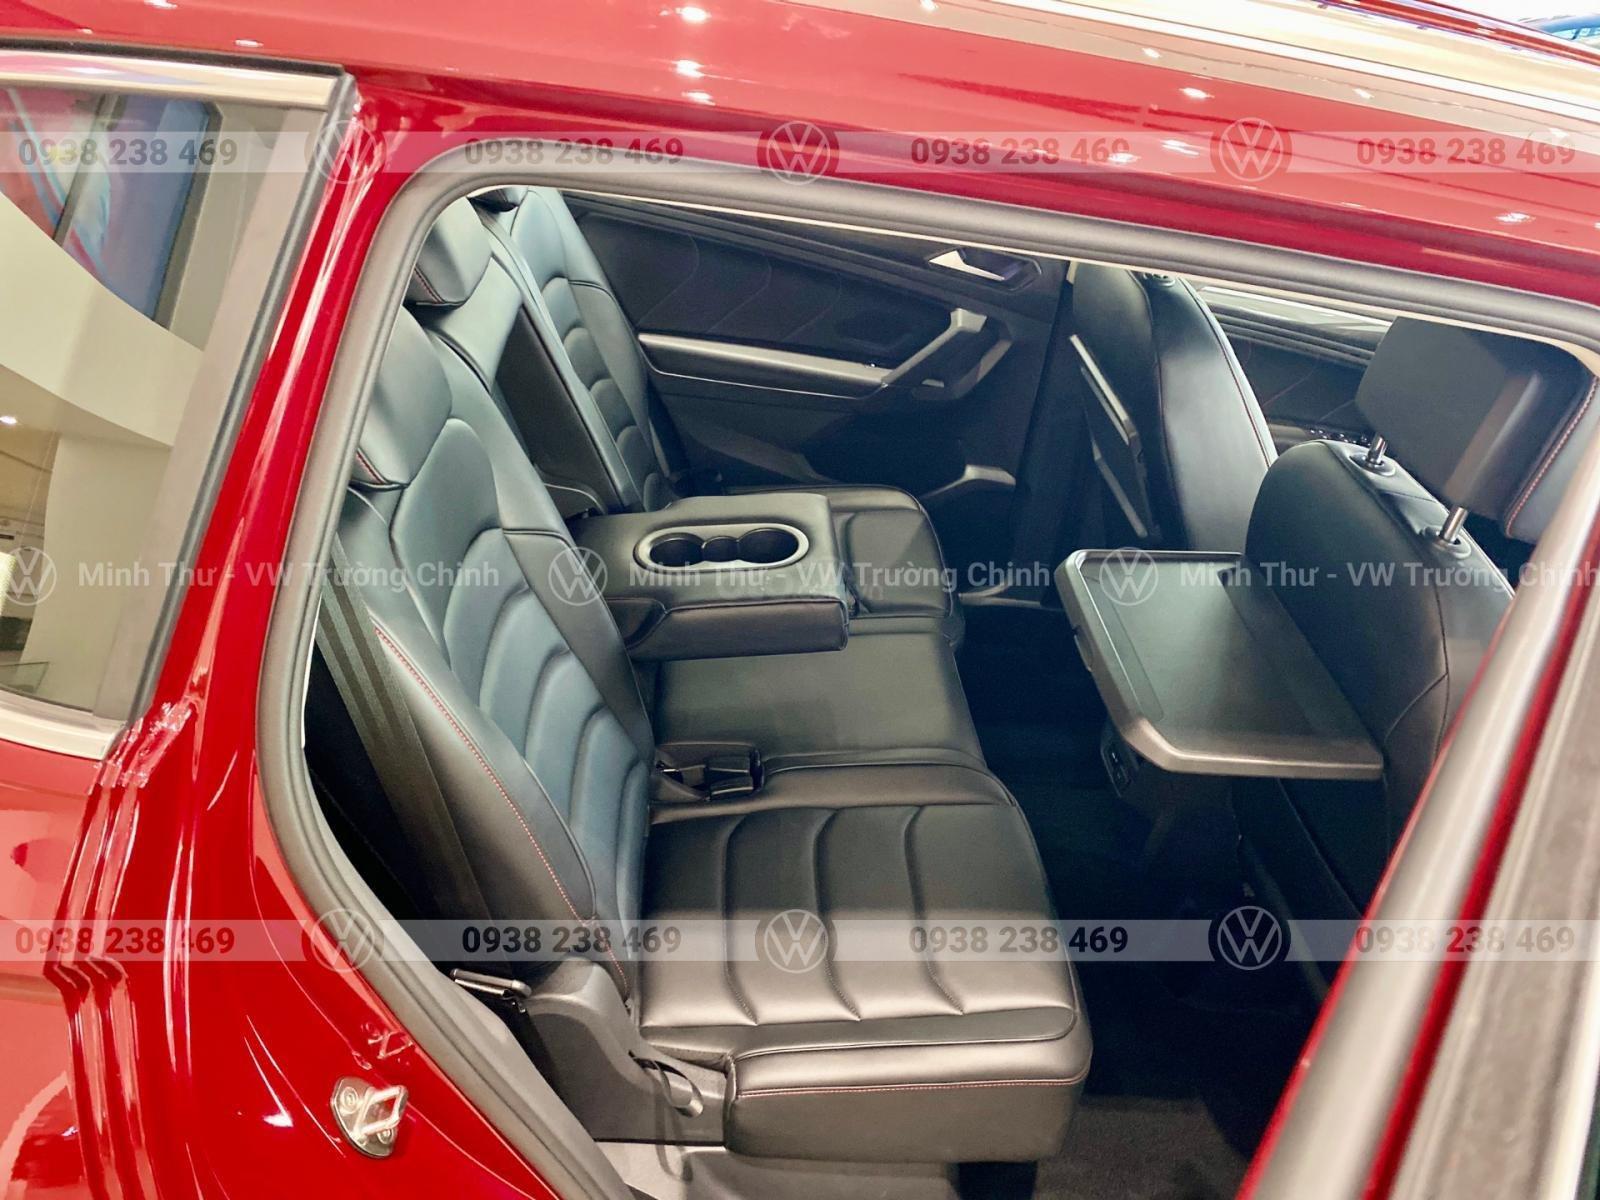 Tiguan allspace Luxury màu đỏ - Giảm 120 triệu tiền mặt + quà tặng từ vw sài gòn - Lái thử tận nhà (5)